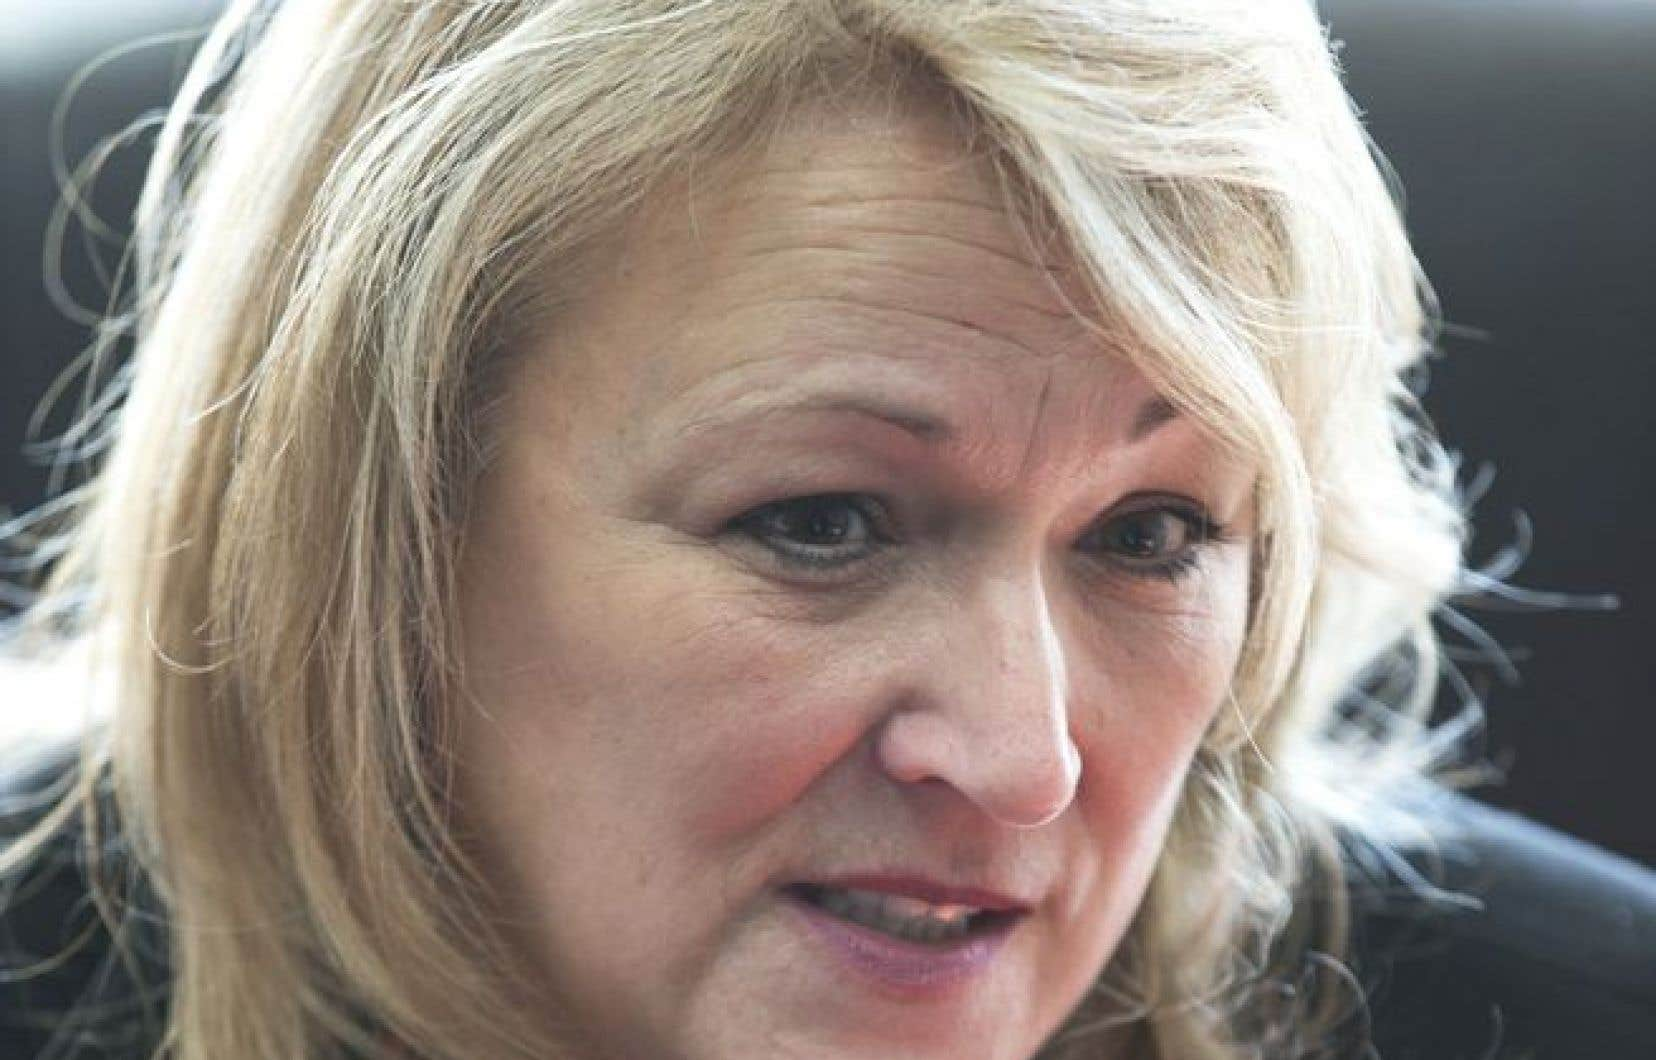 Par rapport au mouvement féministe et à son influence, la ministre de la Condition féminine, Lise Thériault, demeure évasive.